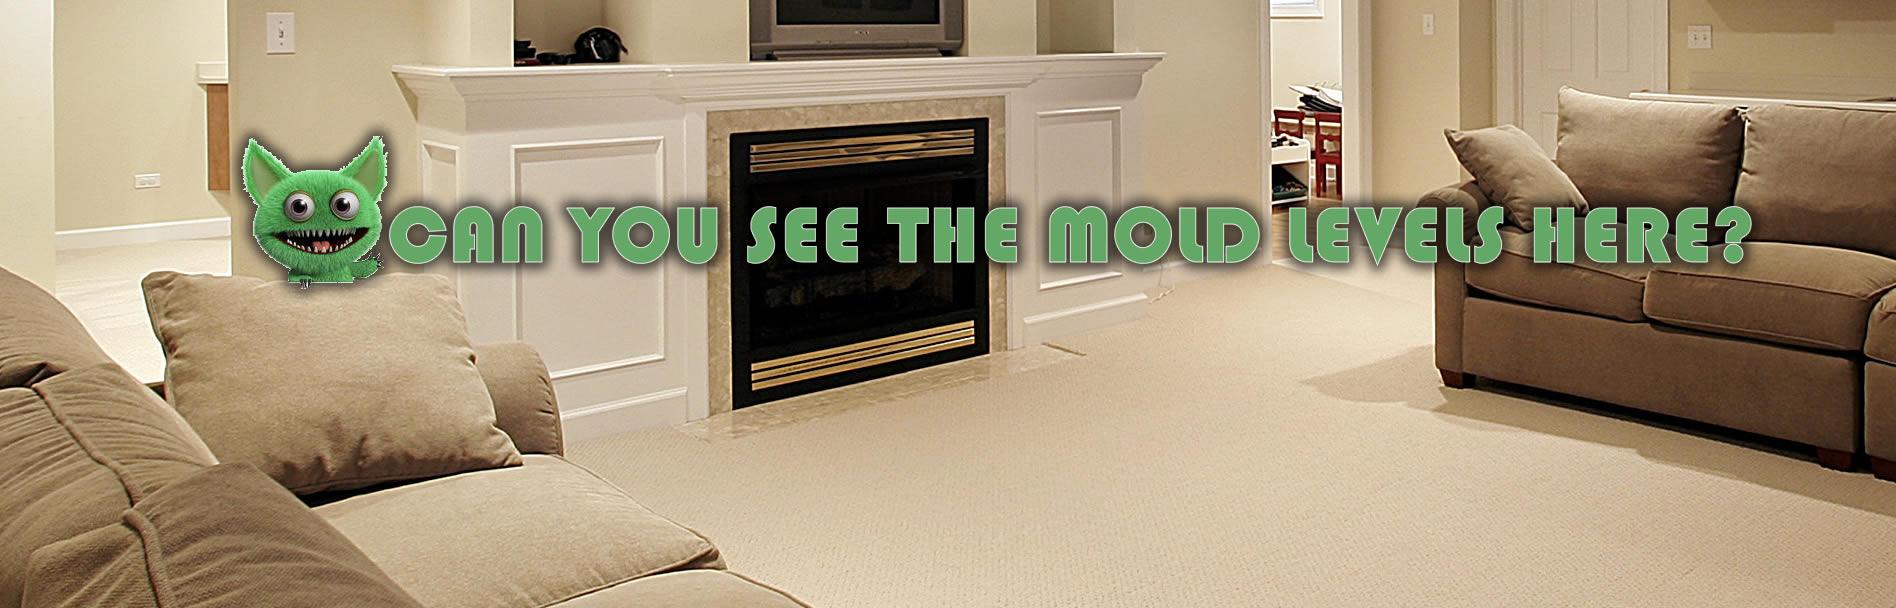 moldslide1